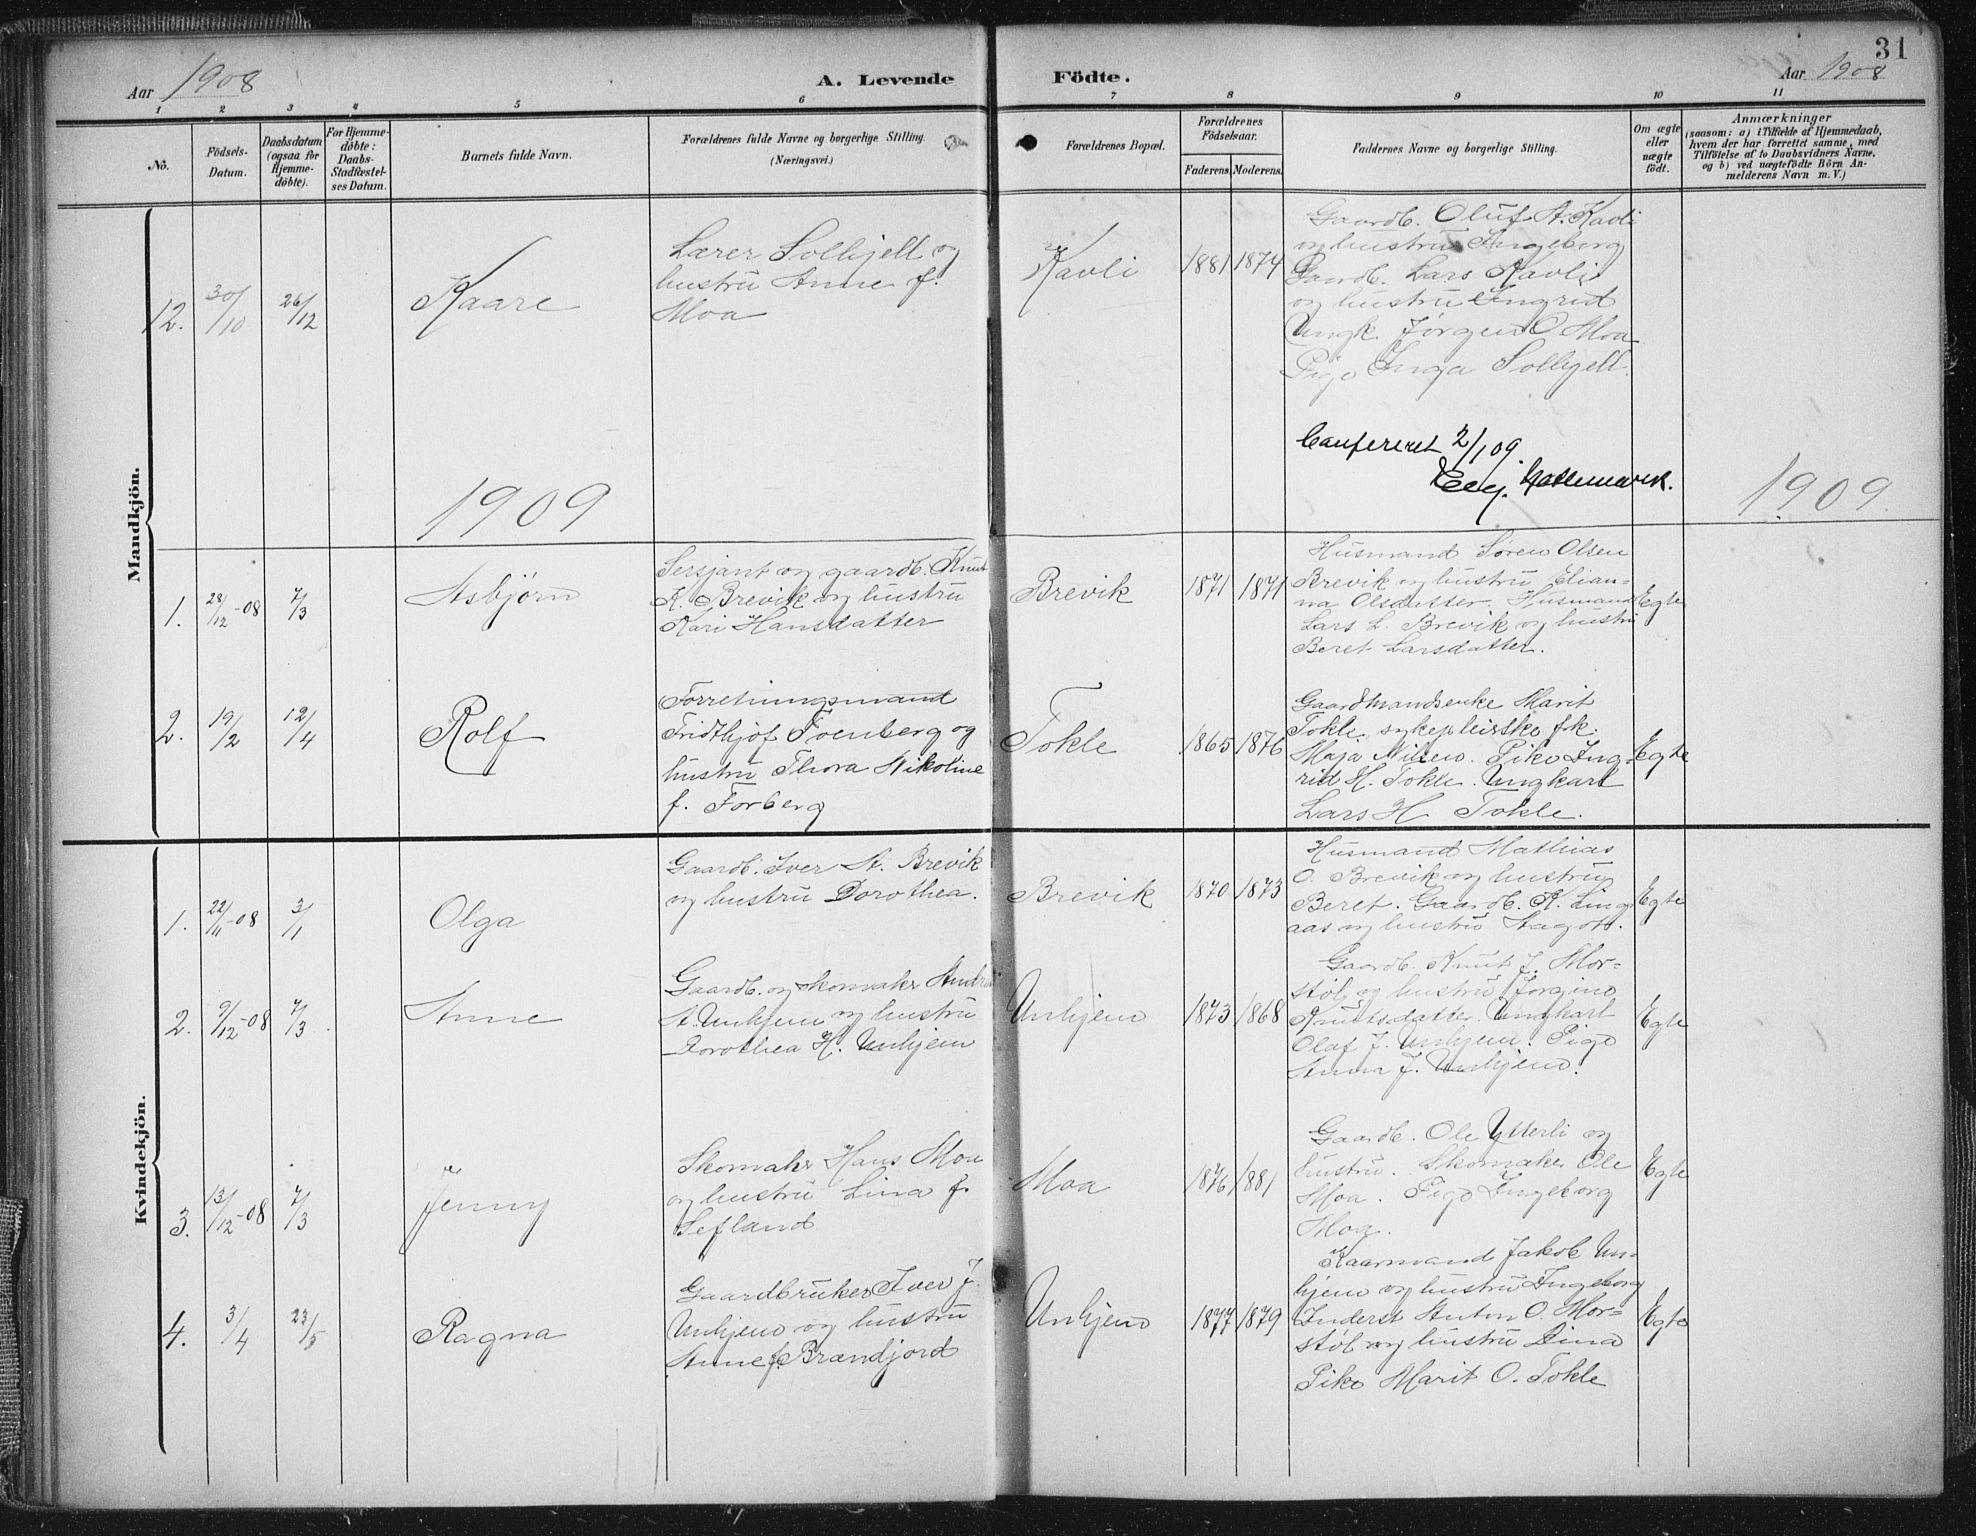 SAT, Ministerialprotokoller, klokkerbøker og fødselsregistre - Møre og Romsdal, 545/L0589: Klokkerbok nr. 545C03, 1902-1937, s. 31